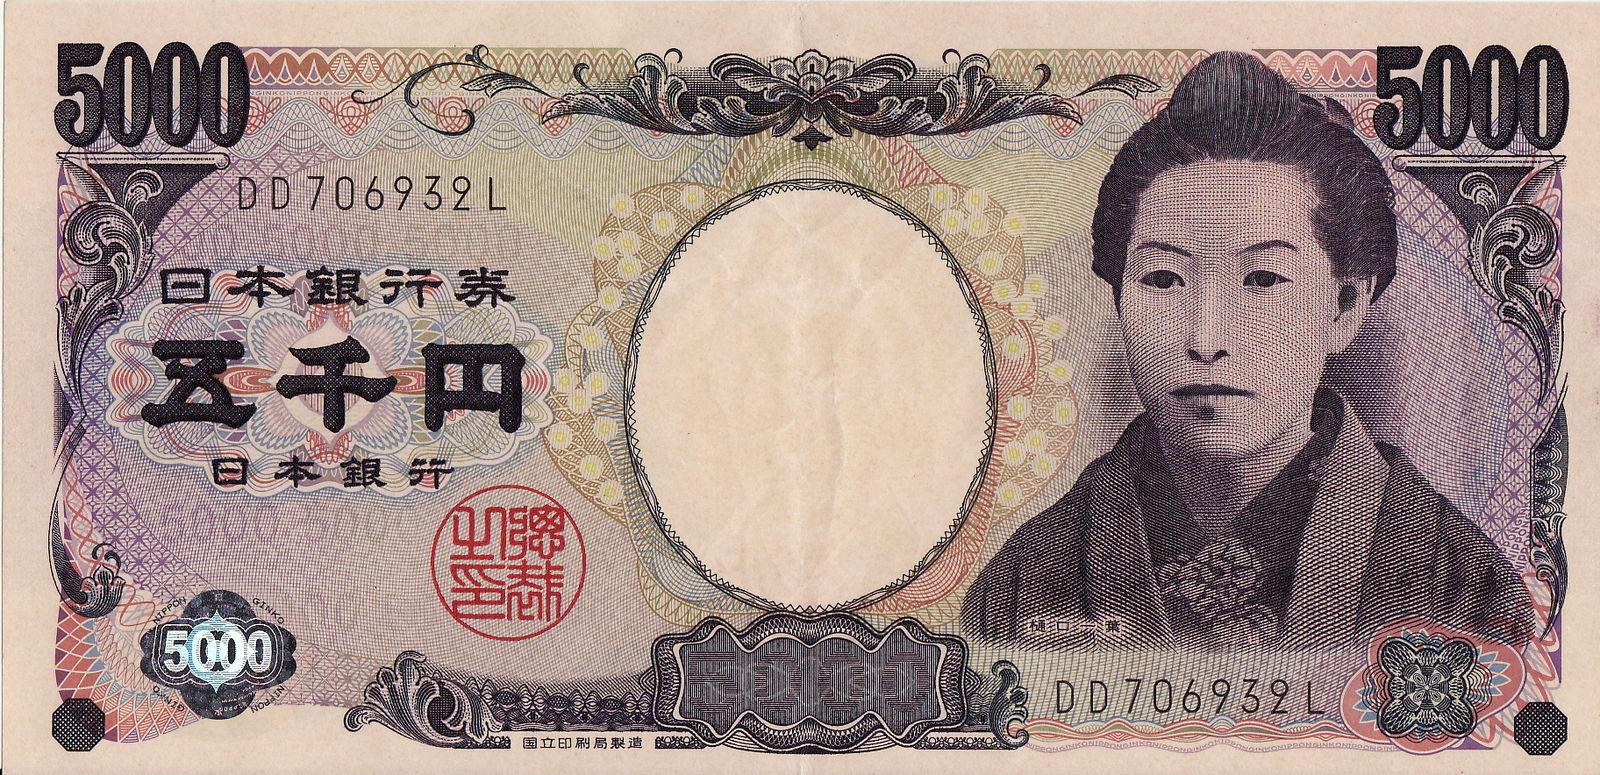 5000日本円紙幣